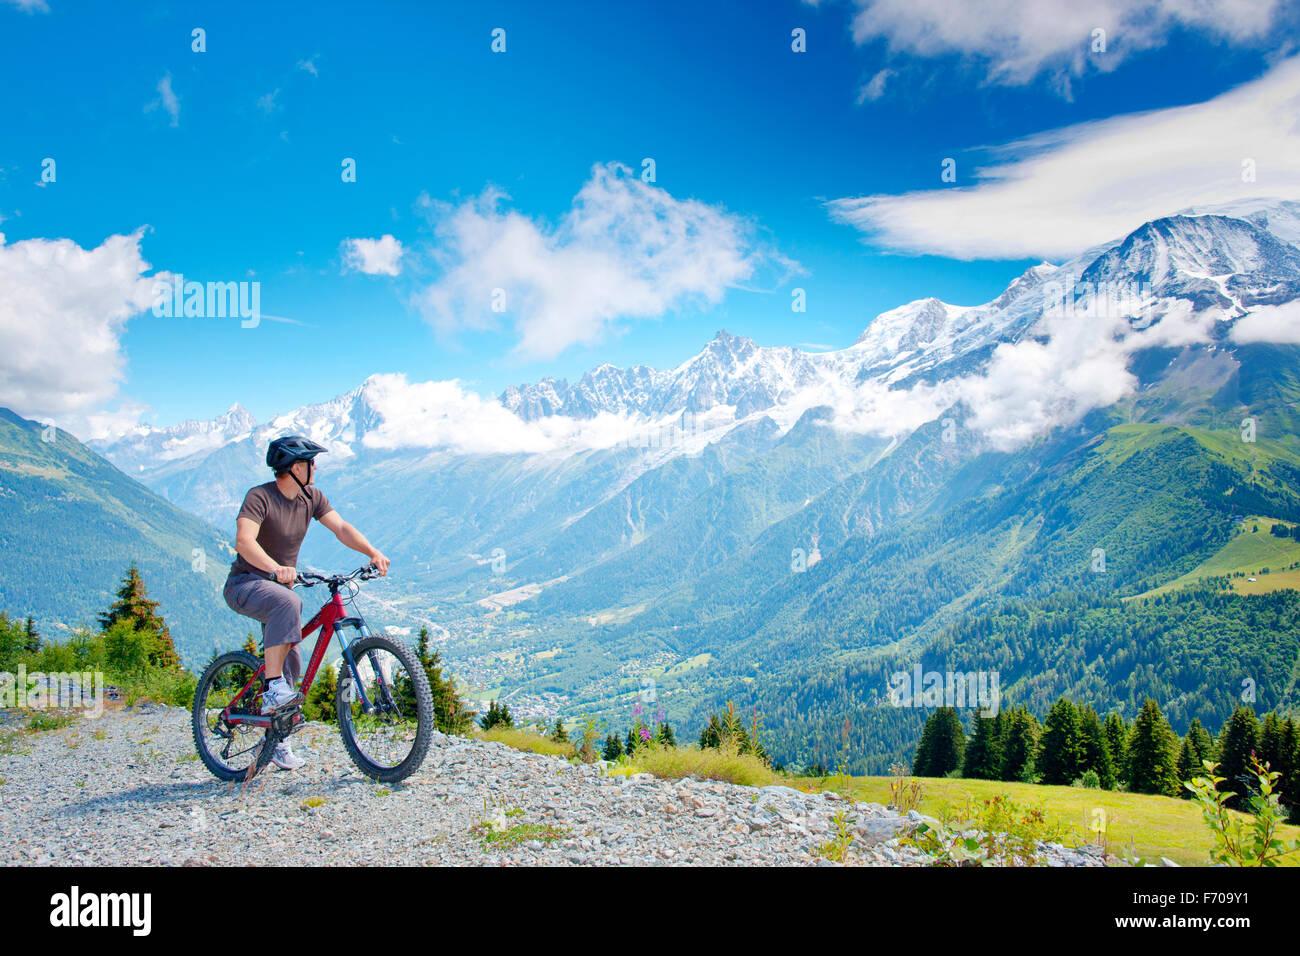 Male mountain bike French Chamonix - Stock Image